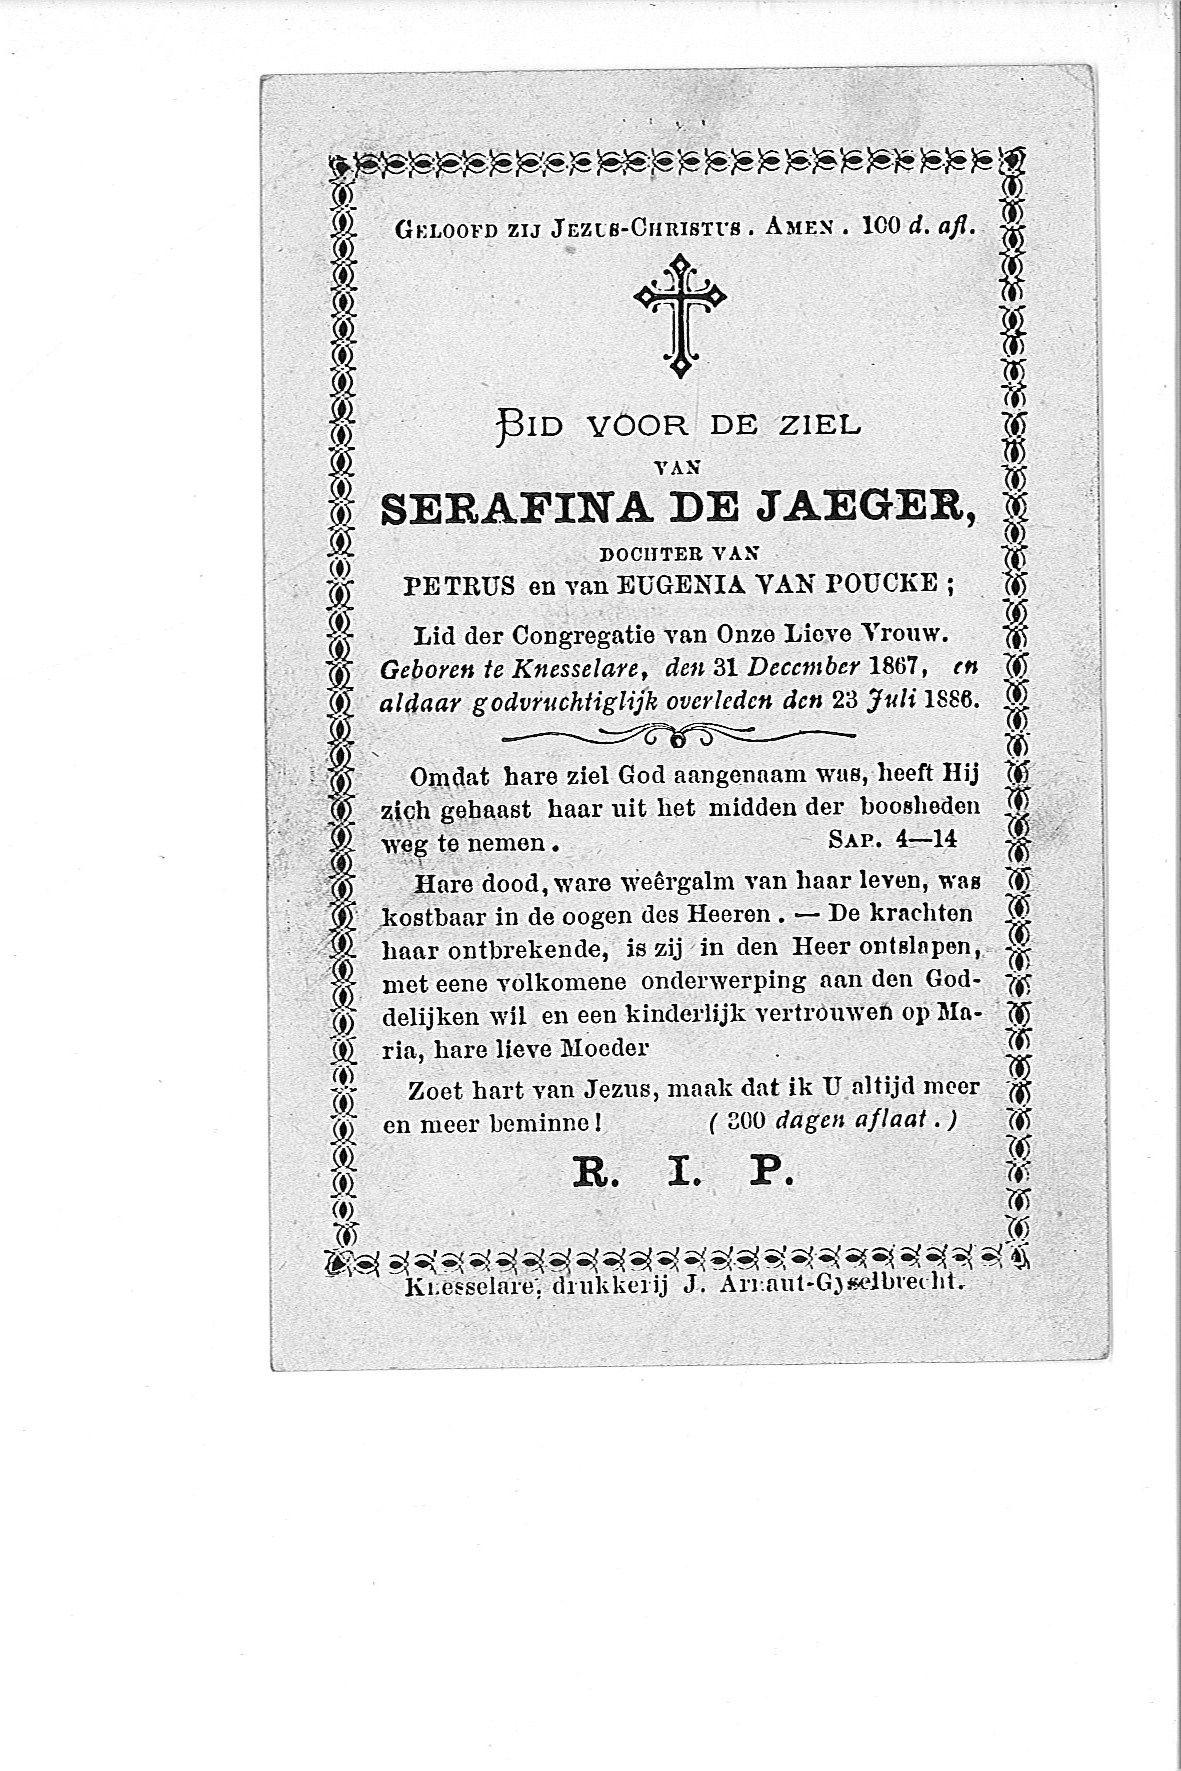 serafina20081215150334_00025.jpg